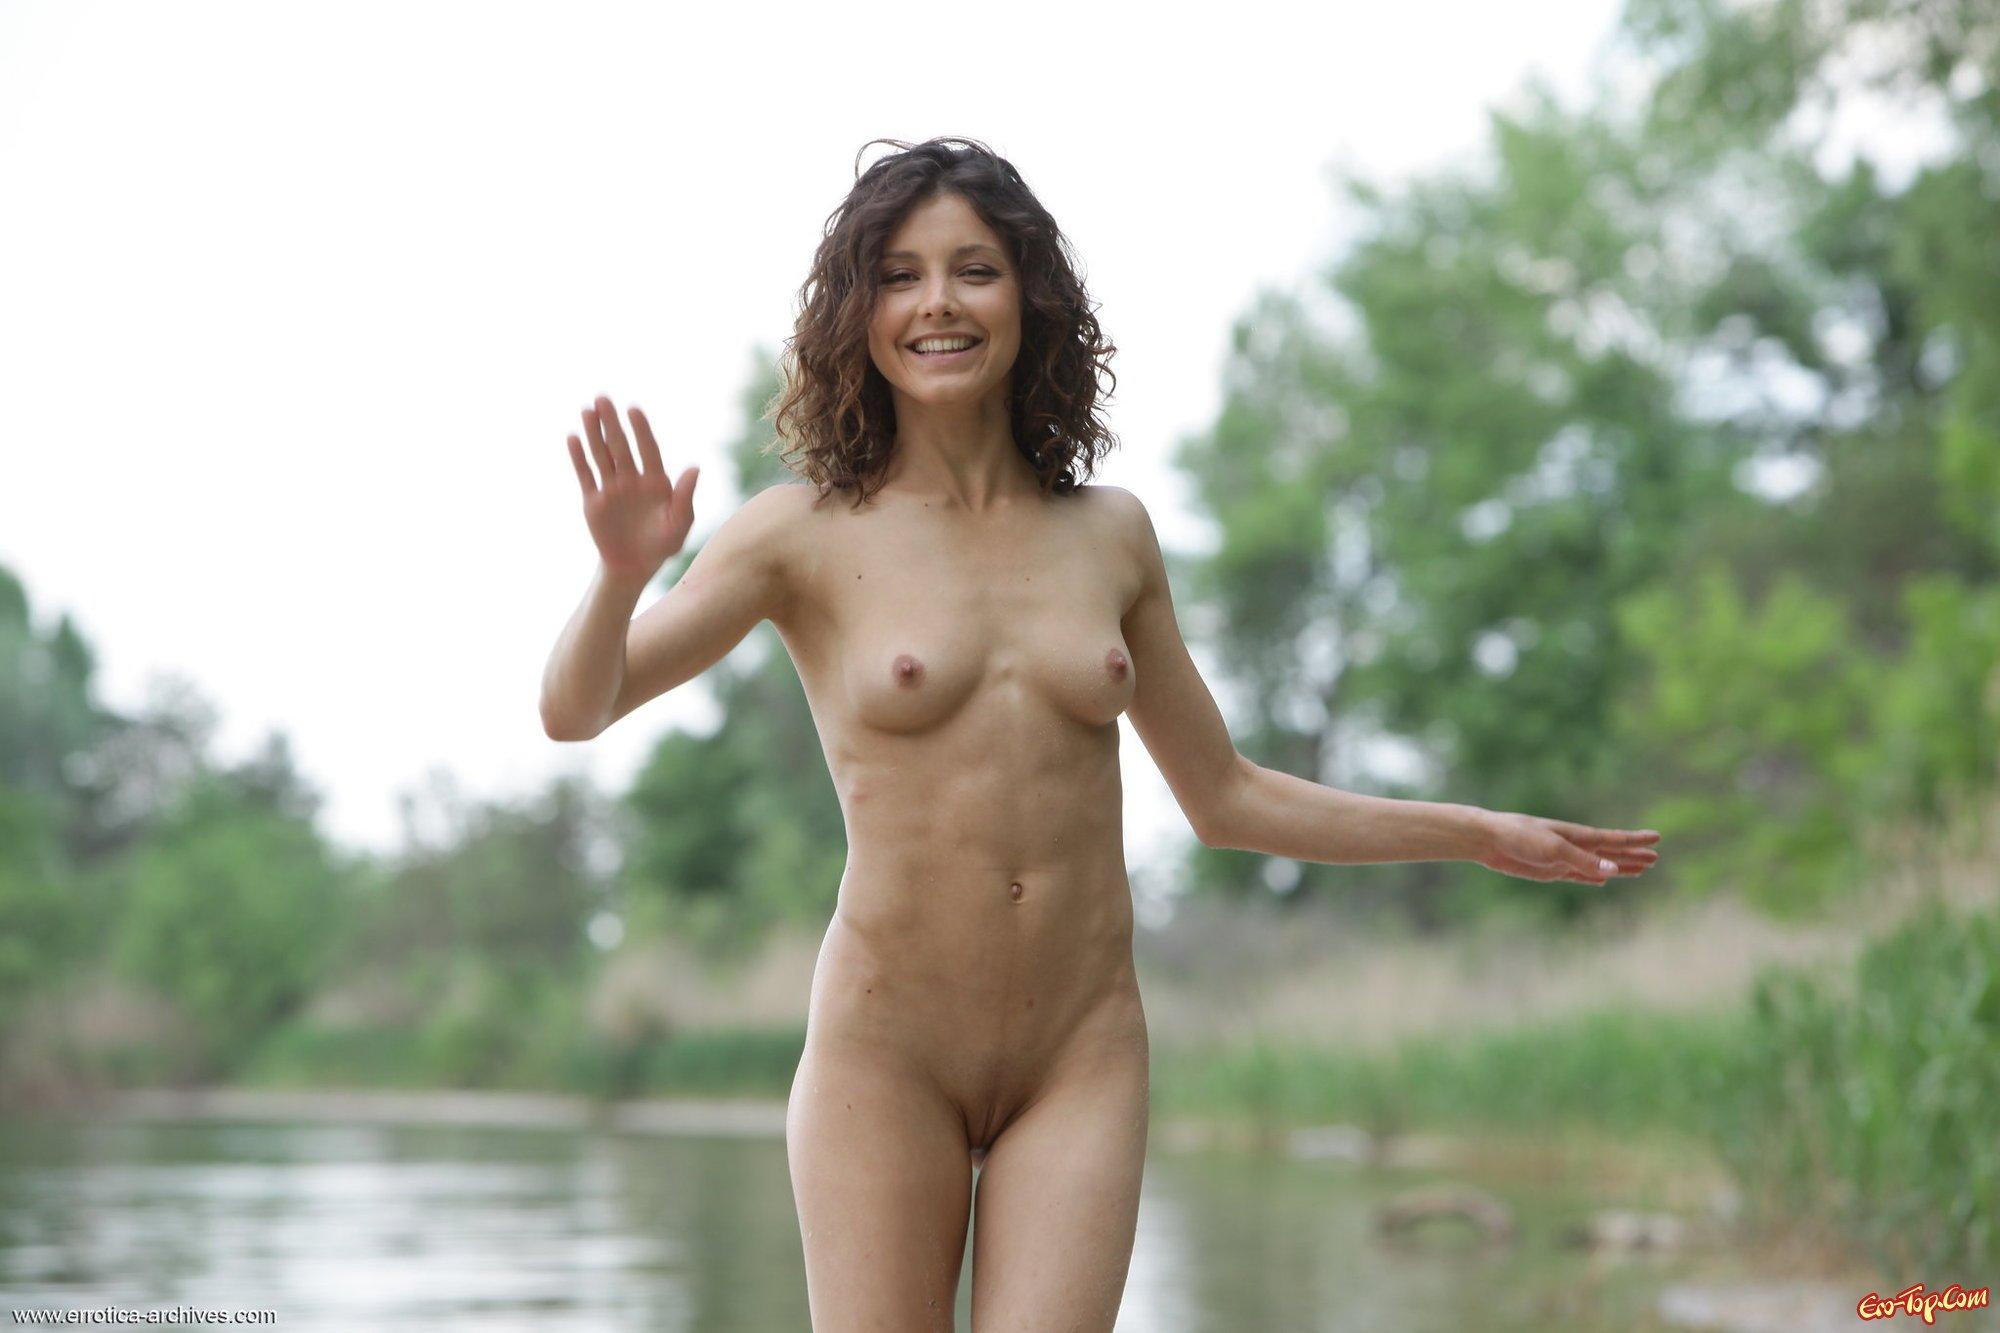 Фото женщин голых озере 19 фотография